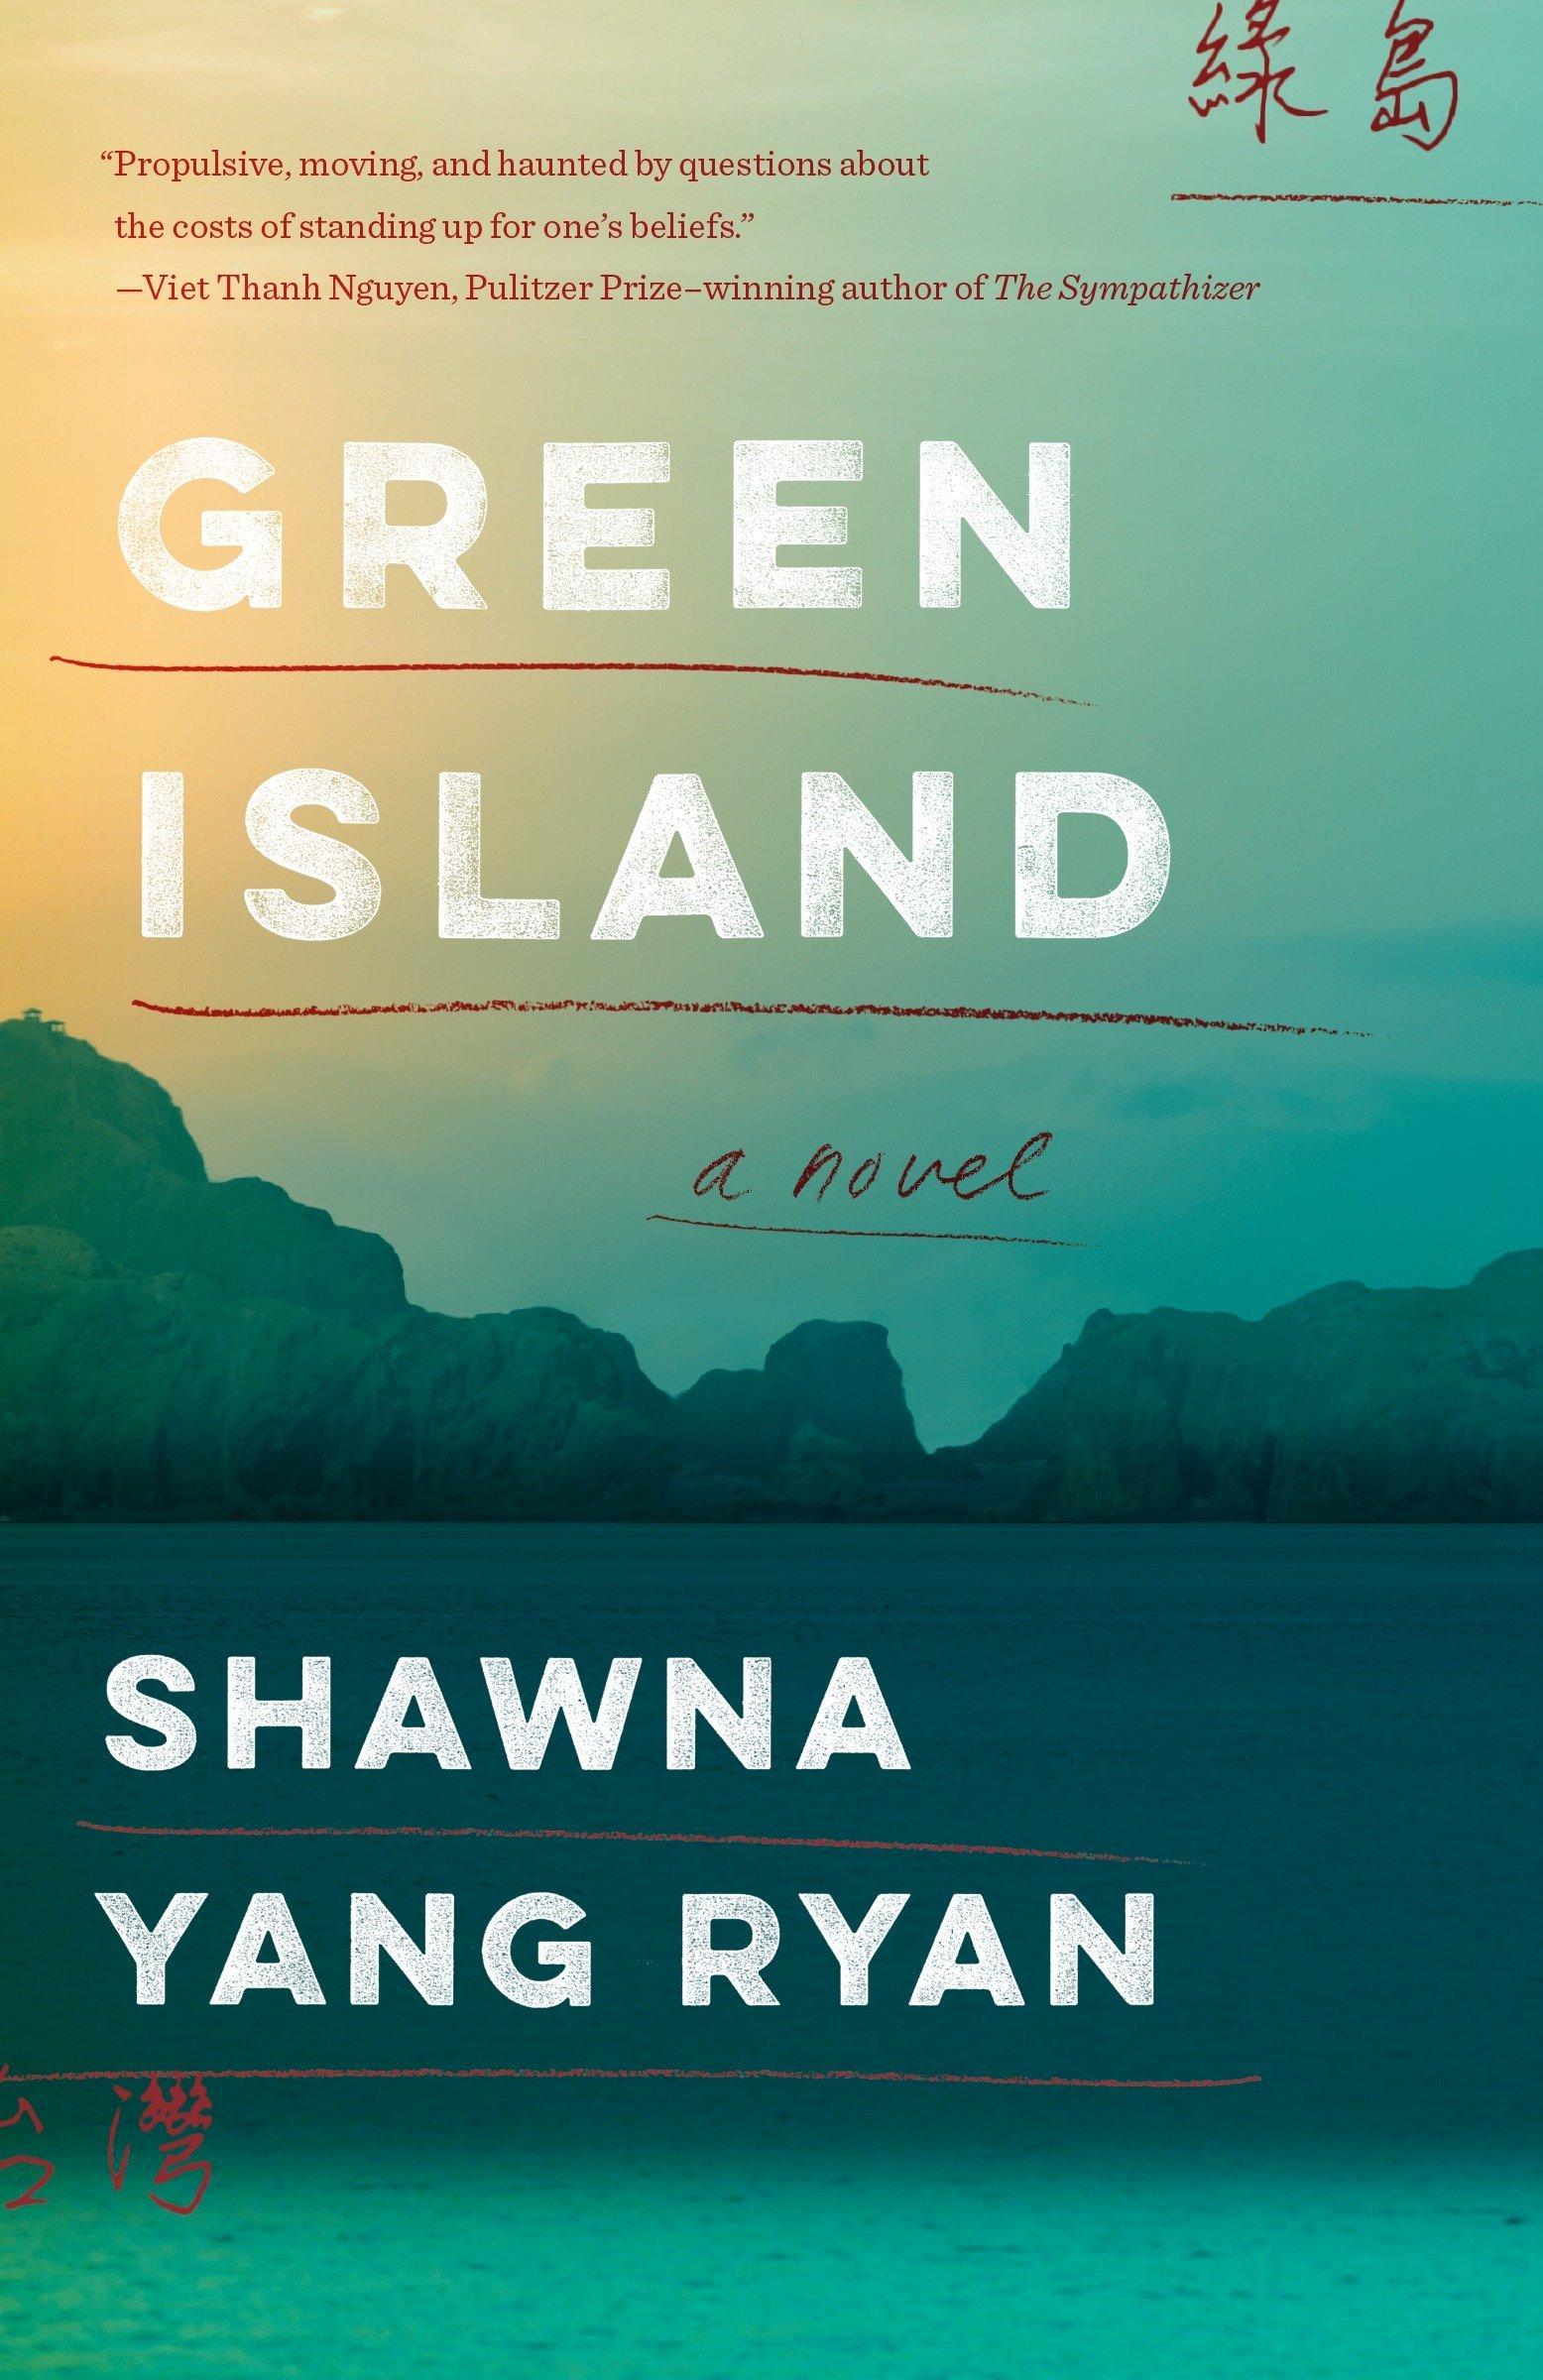 Amazon.com: Green Island: A Novel (9781101872369): Ryan, Shawna Yang: Books